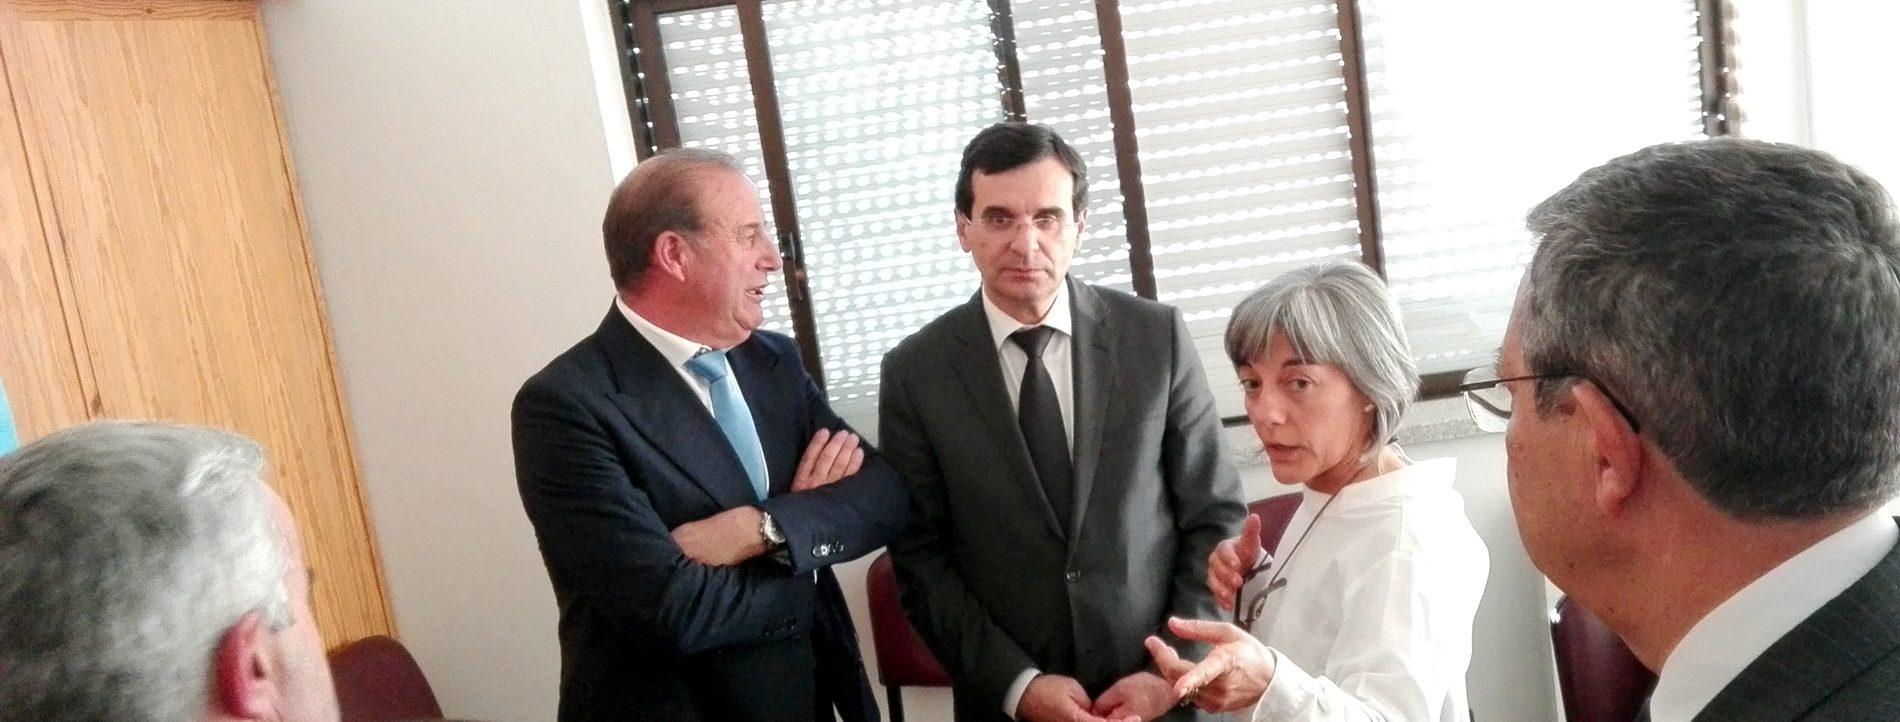 Presidente da Câmara Municipal de Oliveira do Hospital reúne com o Ministro da Saúde